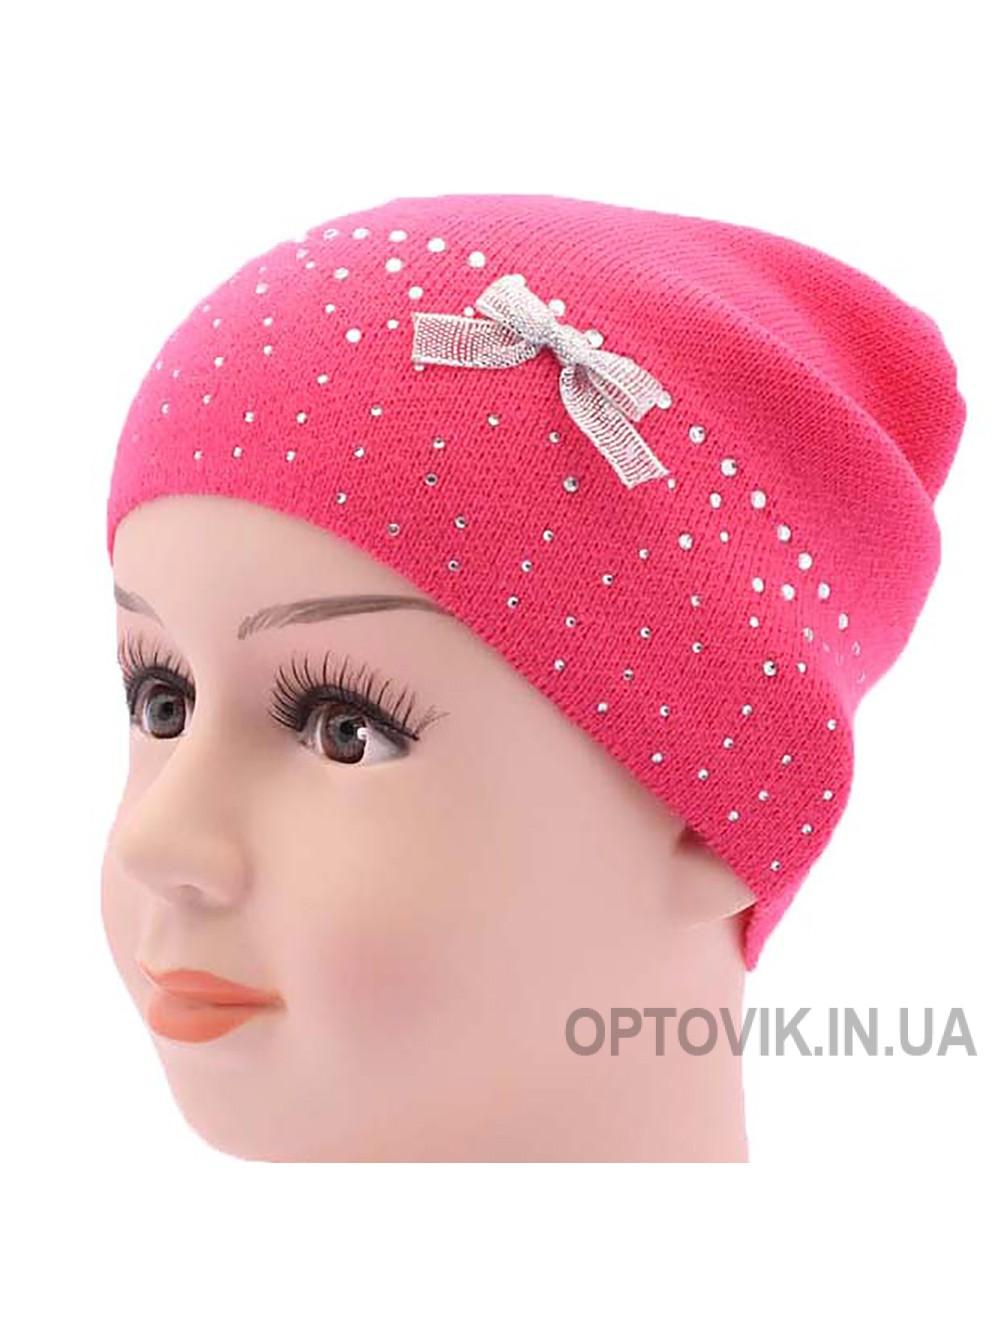 Детская вязаная шапка DV1519-48-52